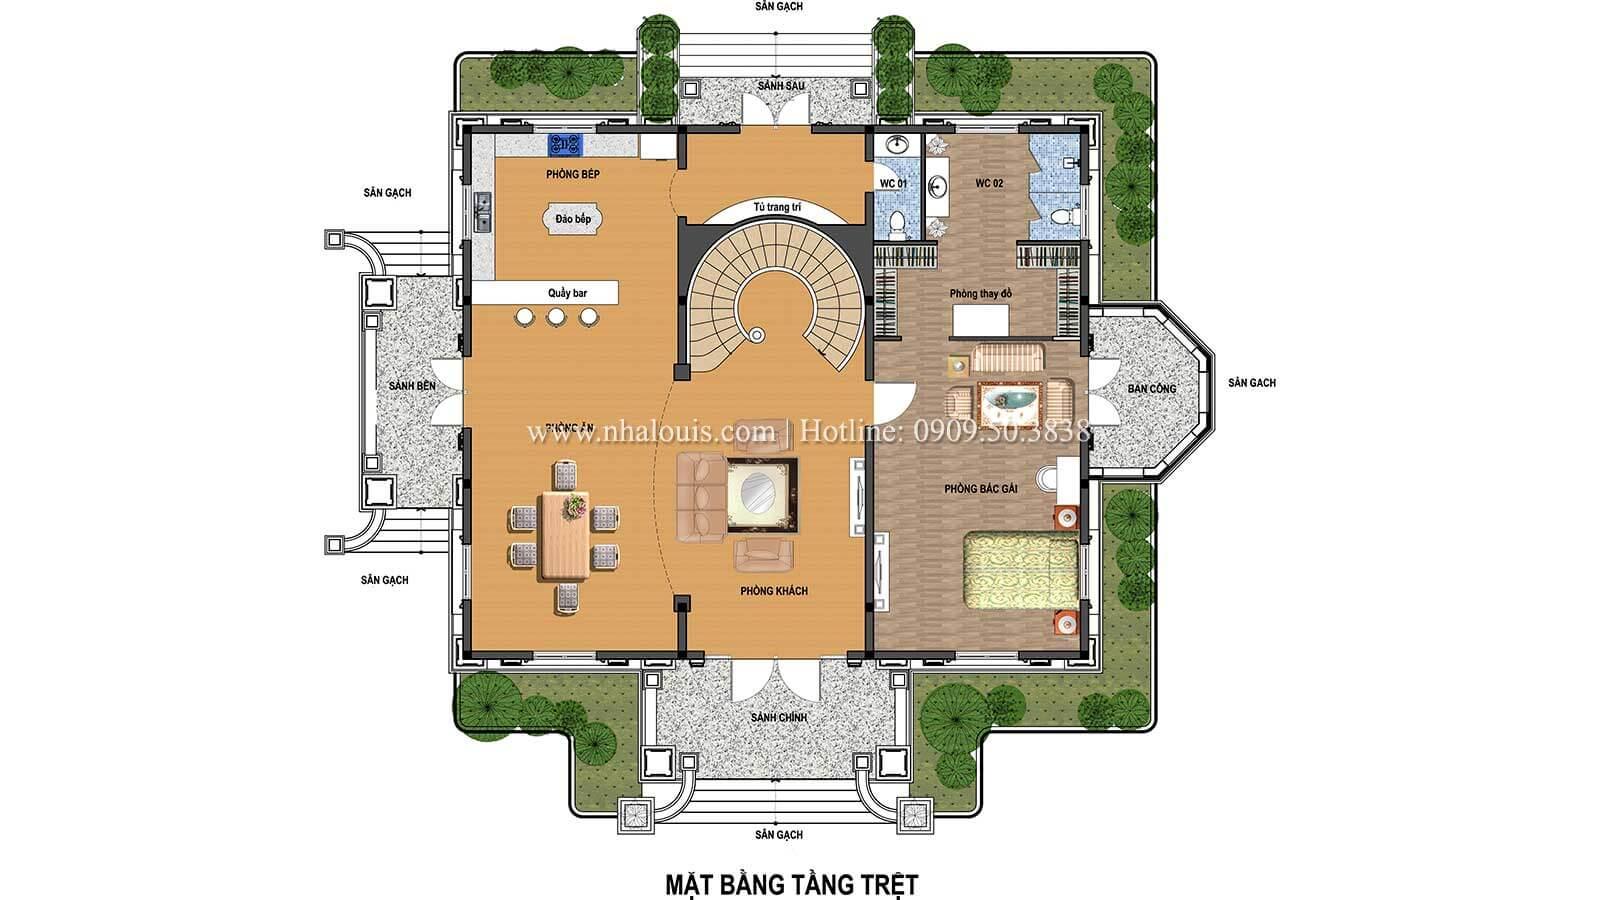 Mặt bằng tầng trệt Thiết kế biệt thự châu âu cổ điển 4 tầng đẳng cấp tại Kiên Giang